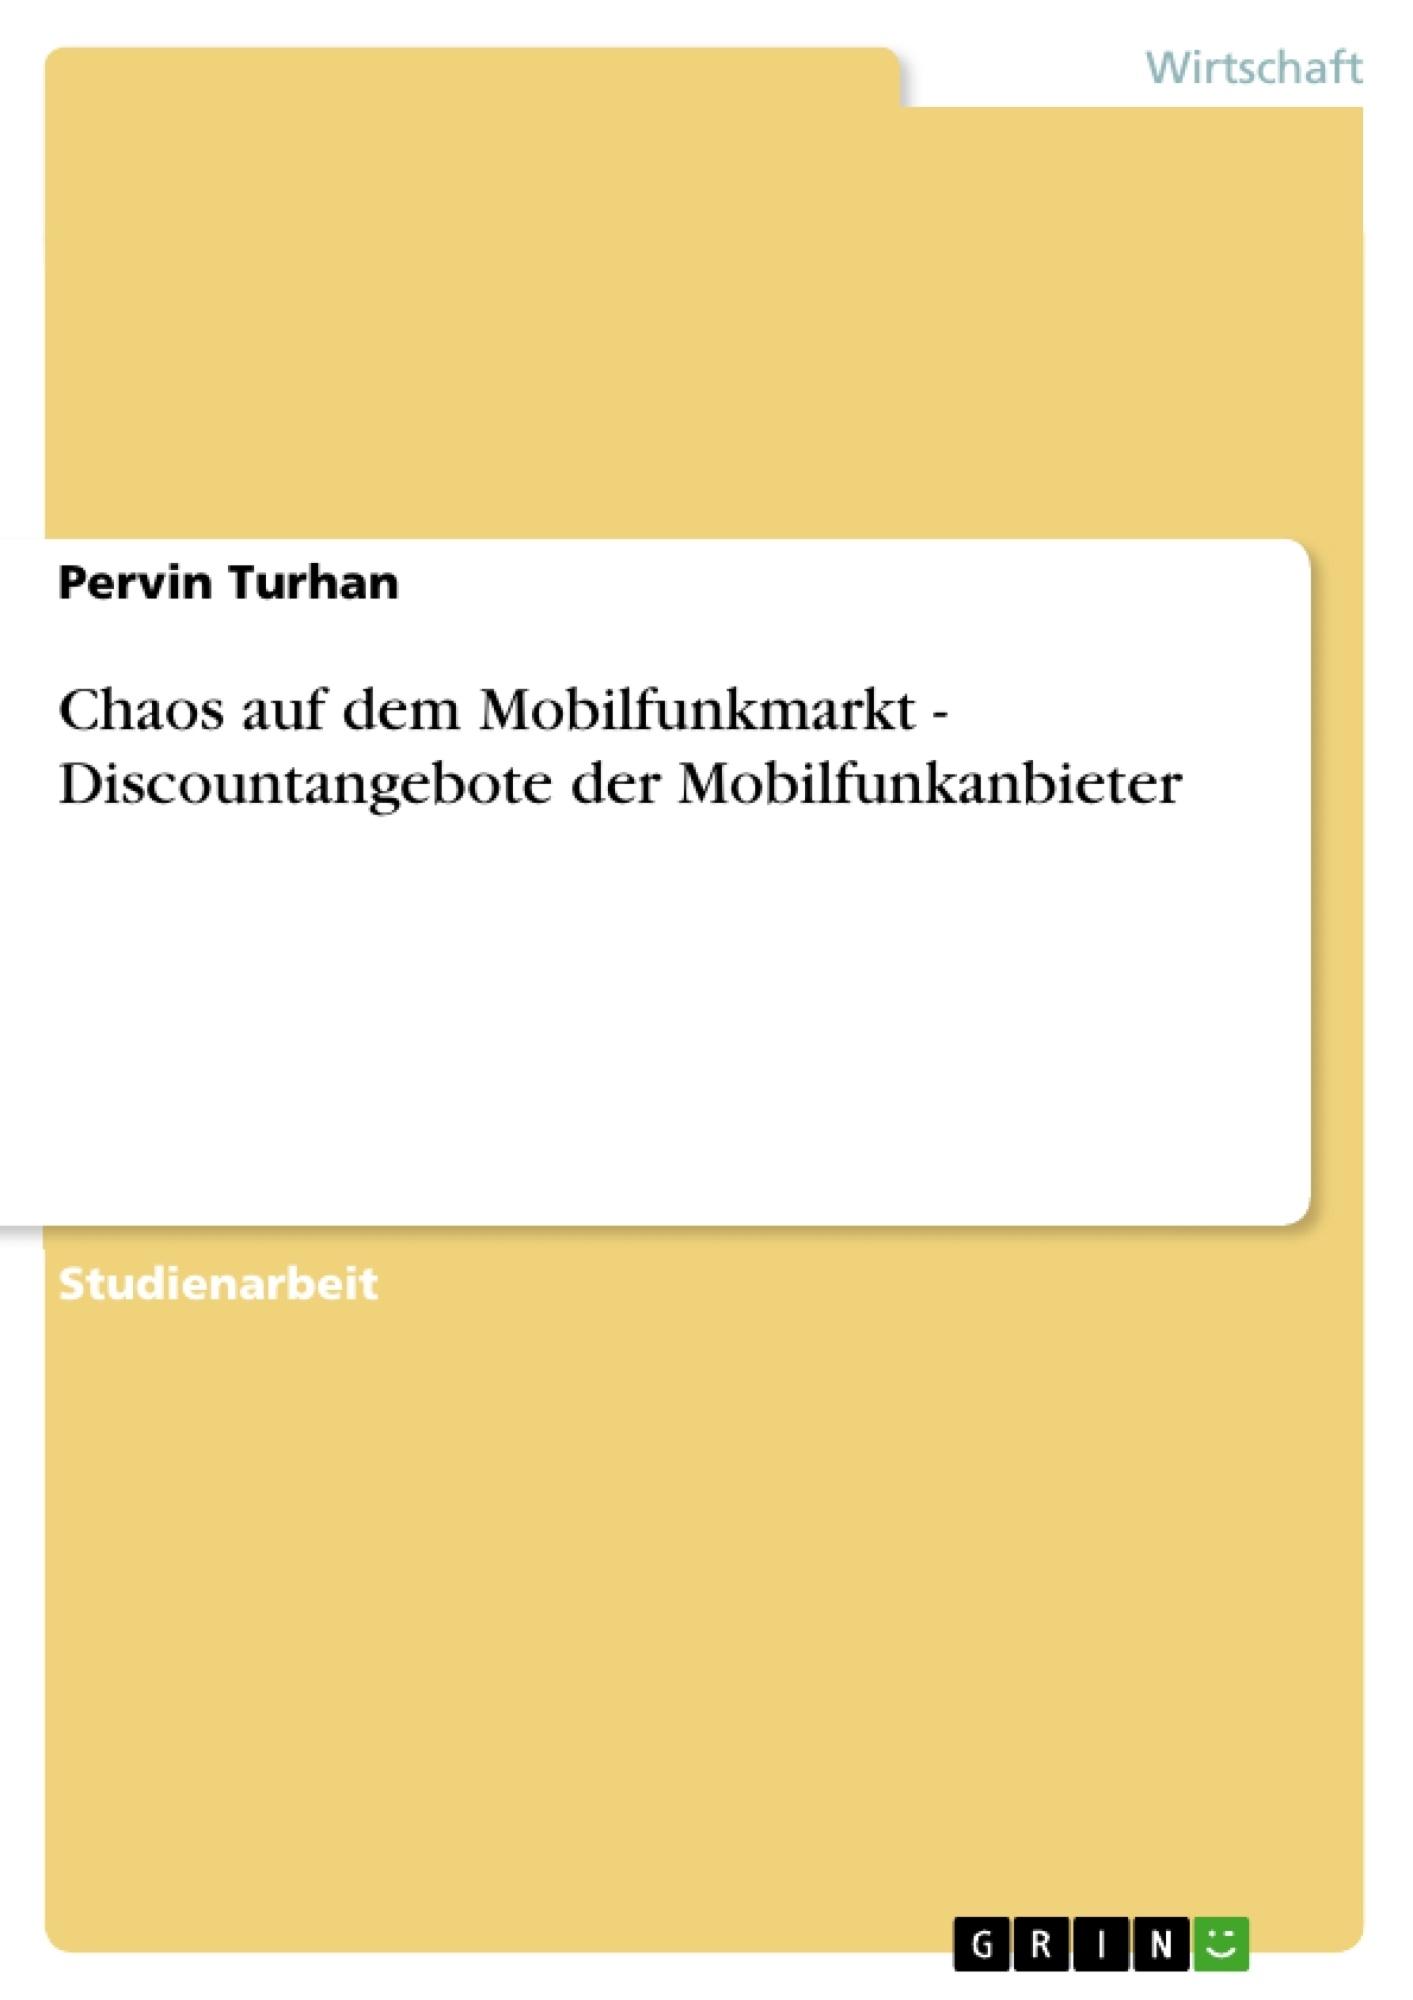 Titel: Chaos auf dem Mobilfunkmarkt - Discountangebote der Mobilfunkanbieter